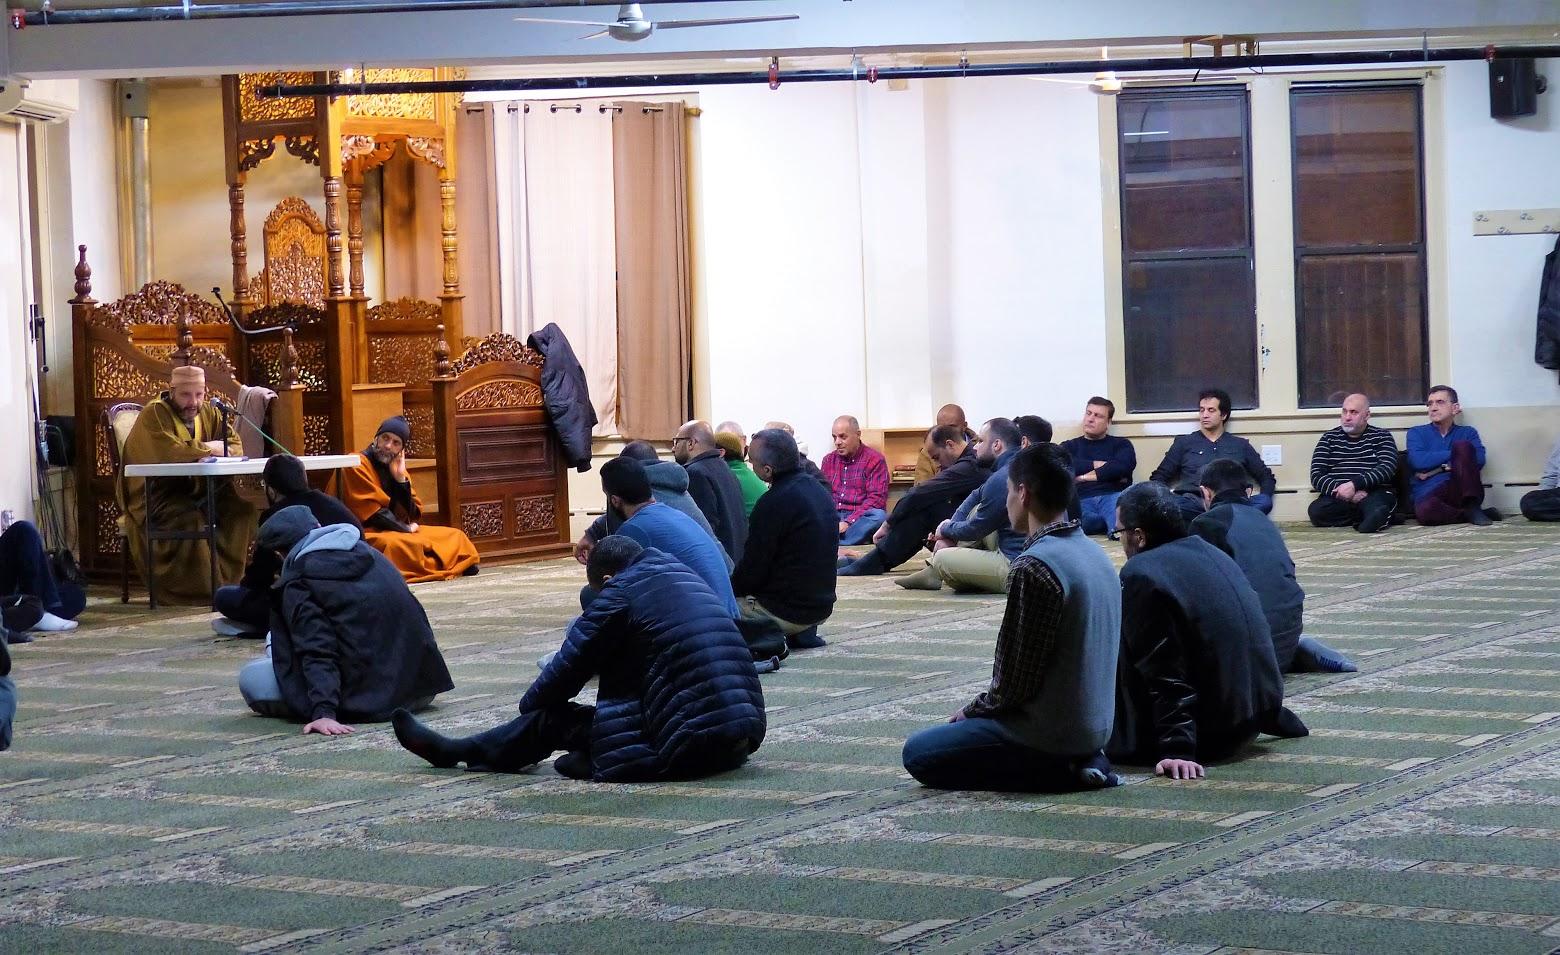 El 2% de los adultos del área de NYC identifican el islam como su religión. Zaira Cortés